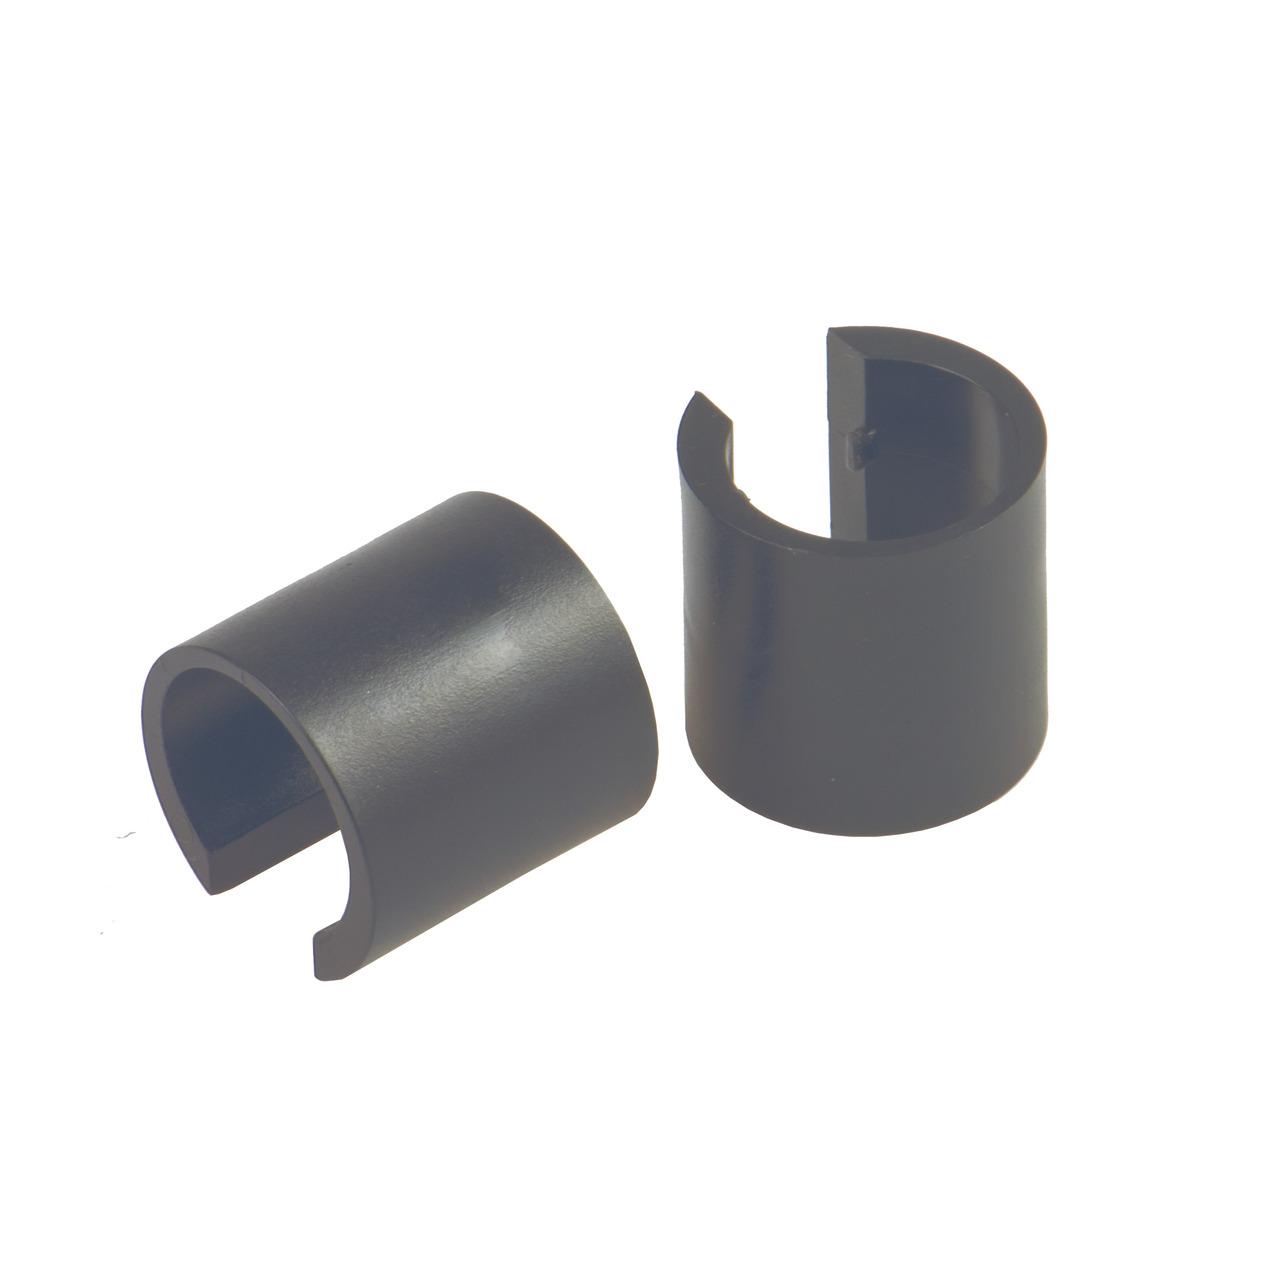 Burg-Wächter Duo CH Adapter 22 mm- 2er-Set